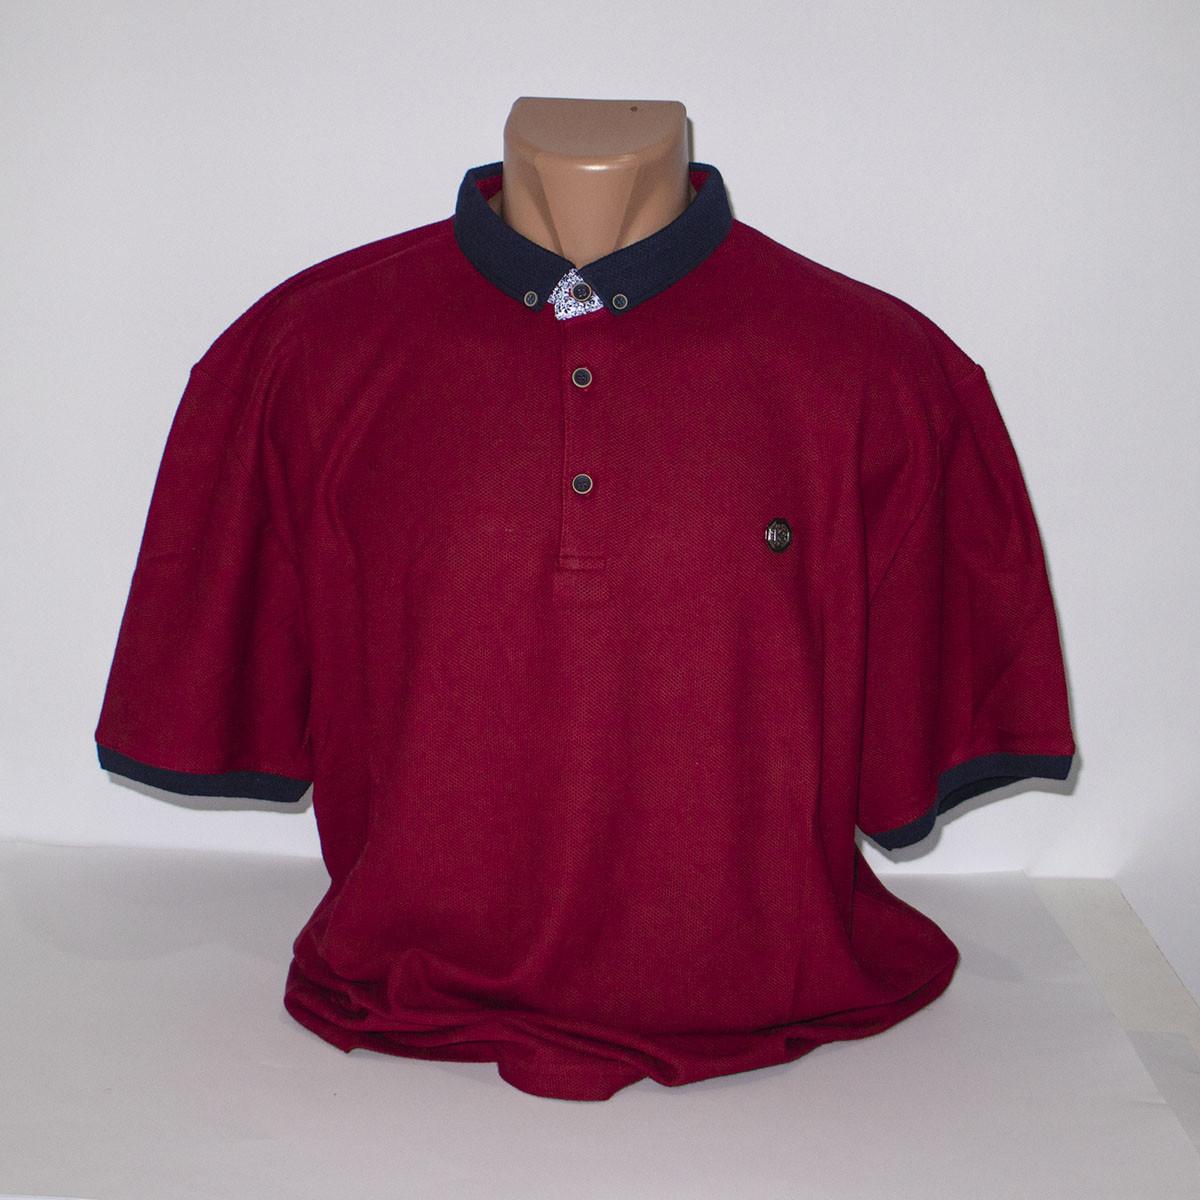 Мужская бордовая Супербатальная футболка лакоста пр-во Турция N7086G